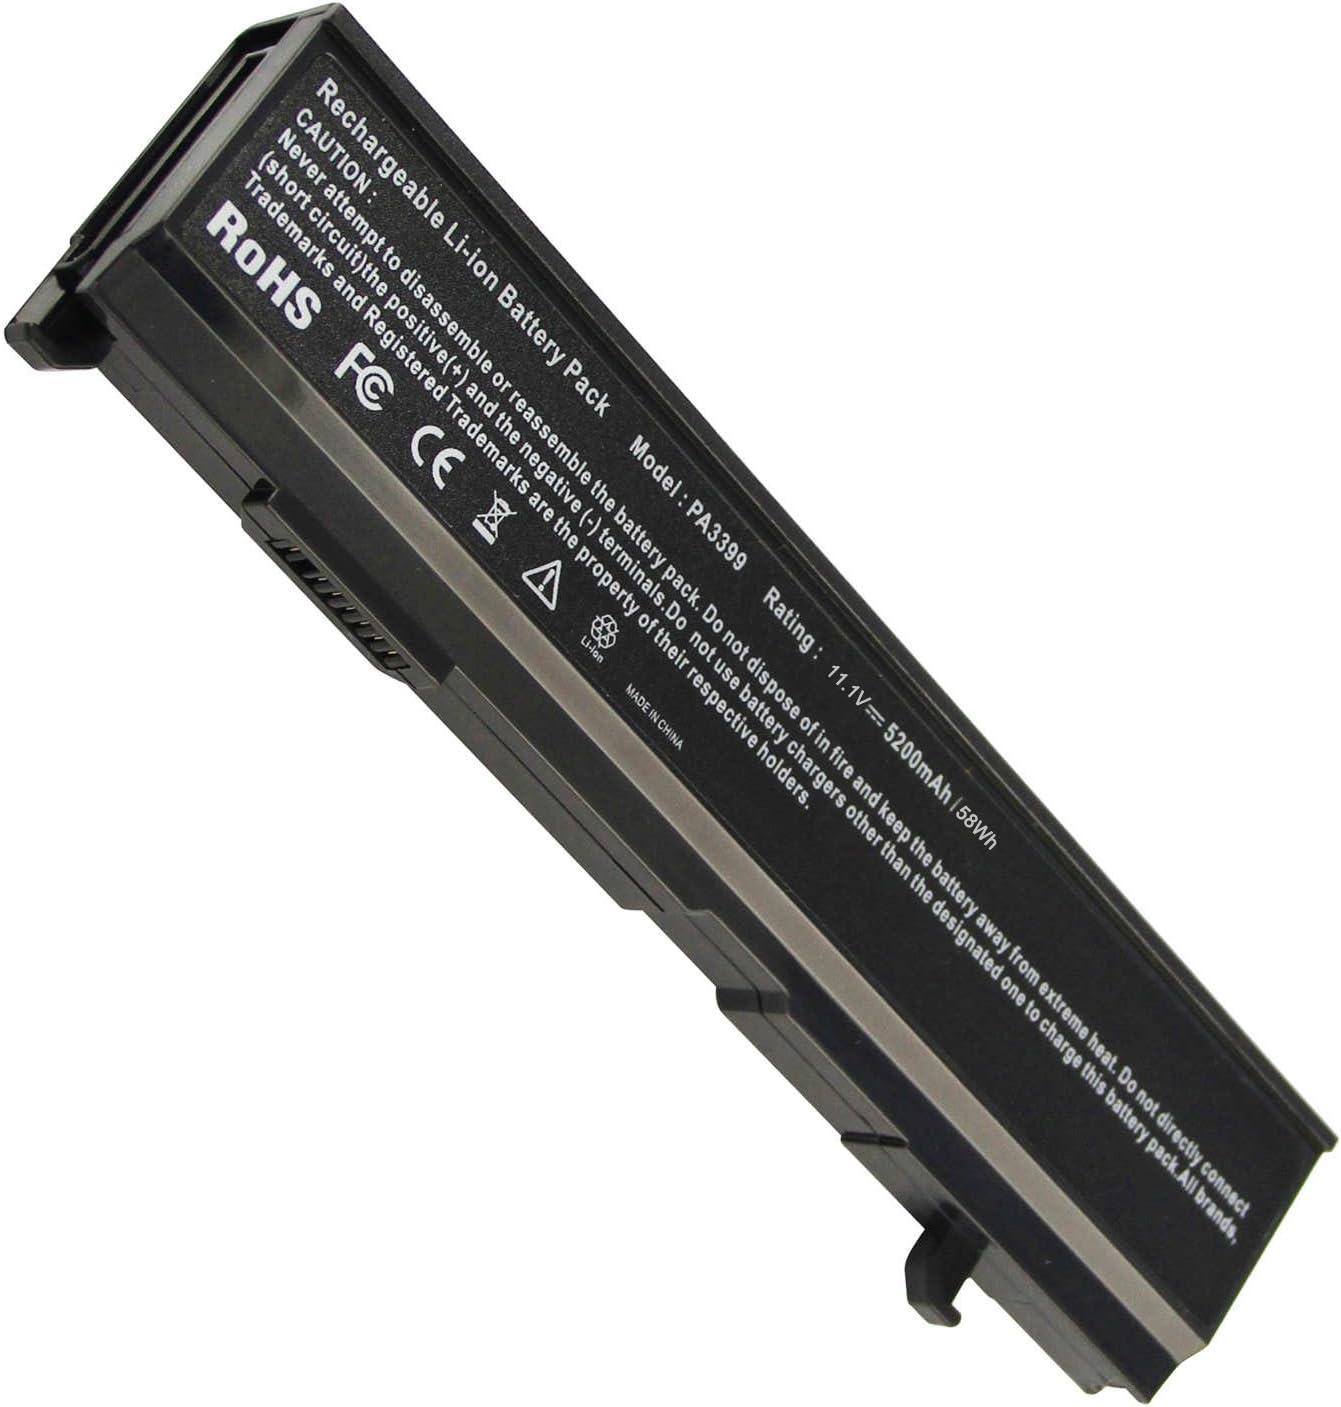 Fancy Buying 6 Cells Replacement Battery for Toshiba PA3399-3BAS PA3399U-1BAS PA3399U-1BRS PA3399U-2BAS PA3399U-2BRS PA3400U-1BAR, P/N: V000050690 V000050720 V000050730 V000051220